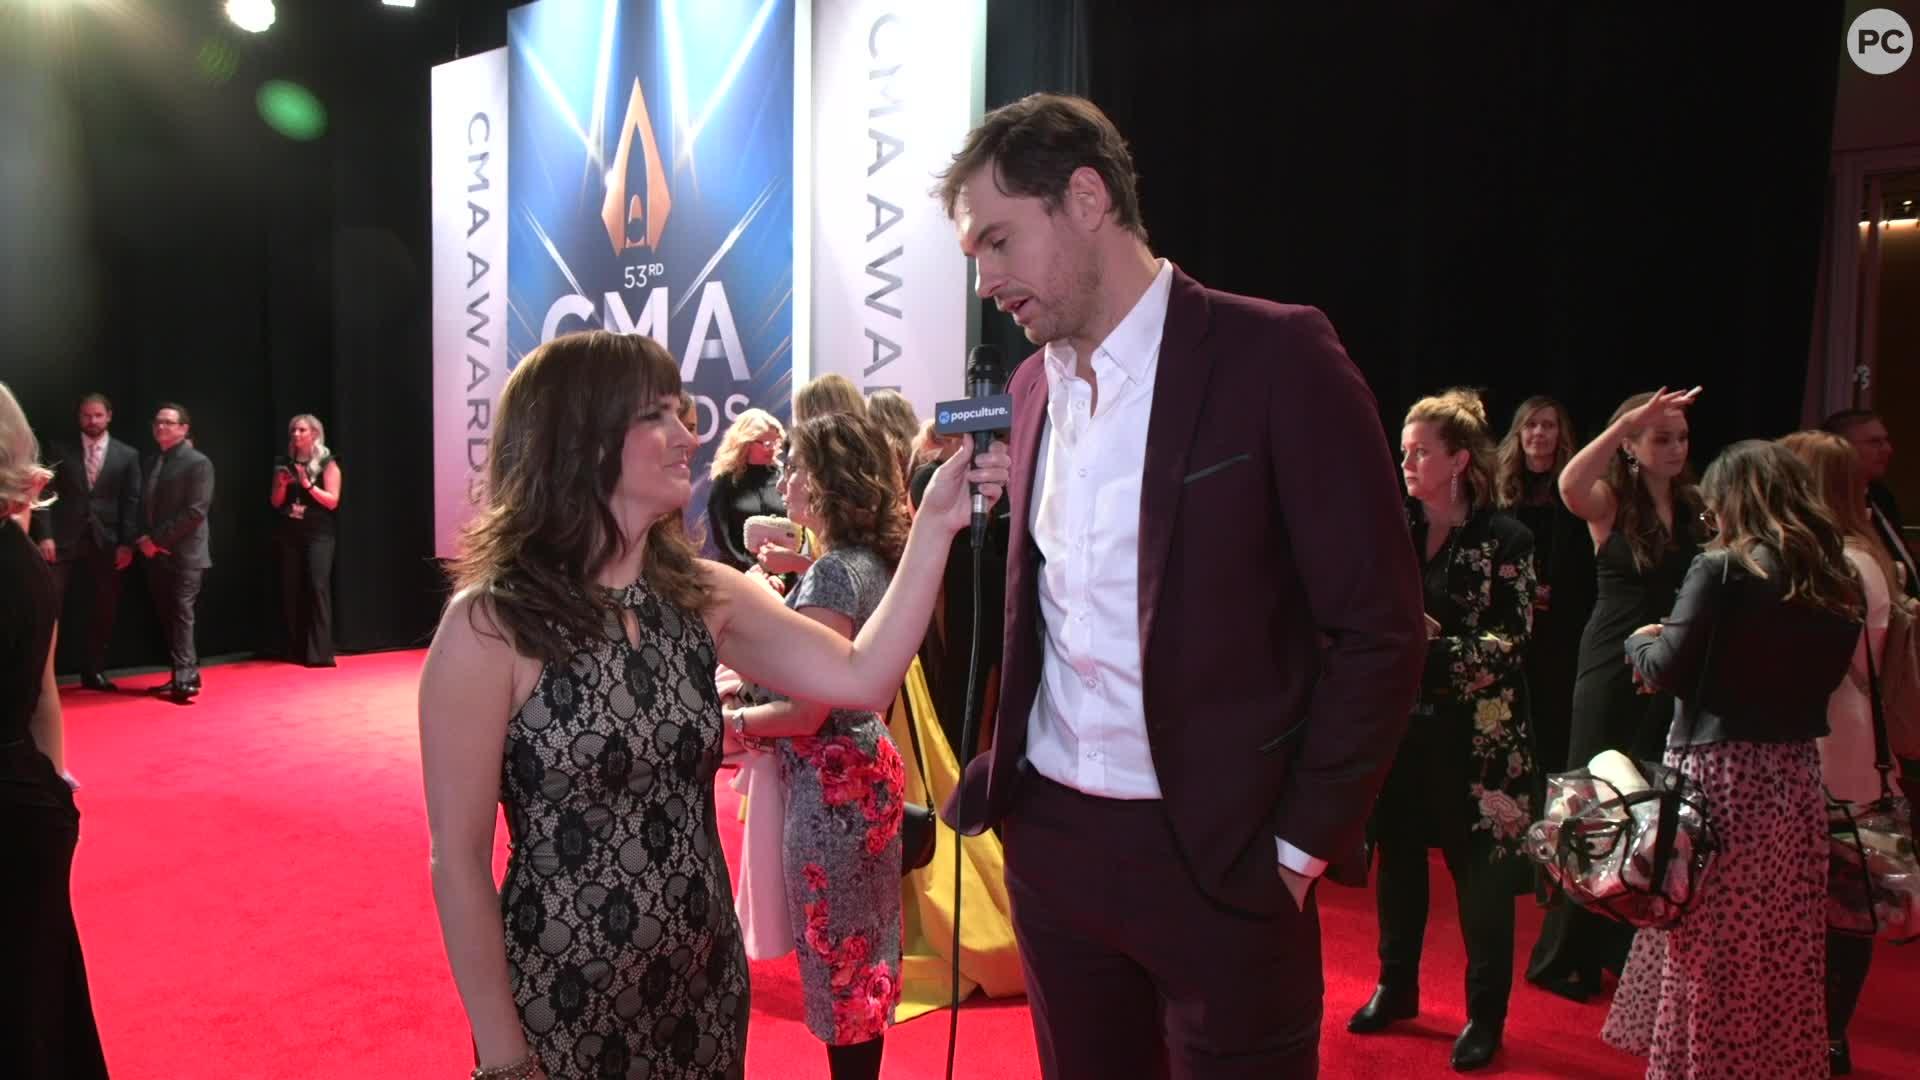 Matt Stell - 2019 CMA Awards screen capture